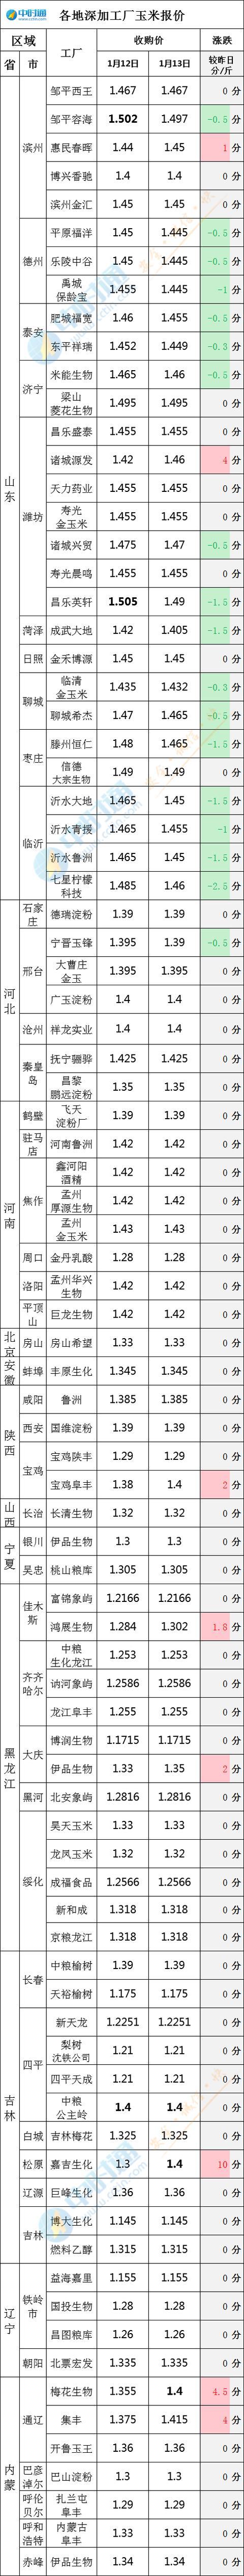 东北三省再次暴涨,嘉吉生物化学,通辽桂花涨至1